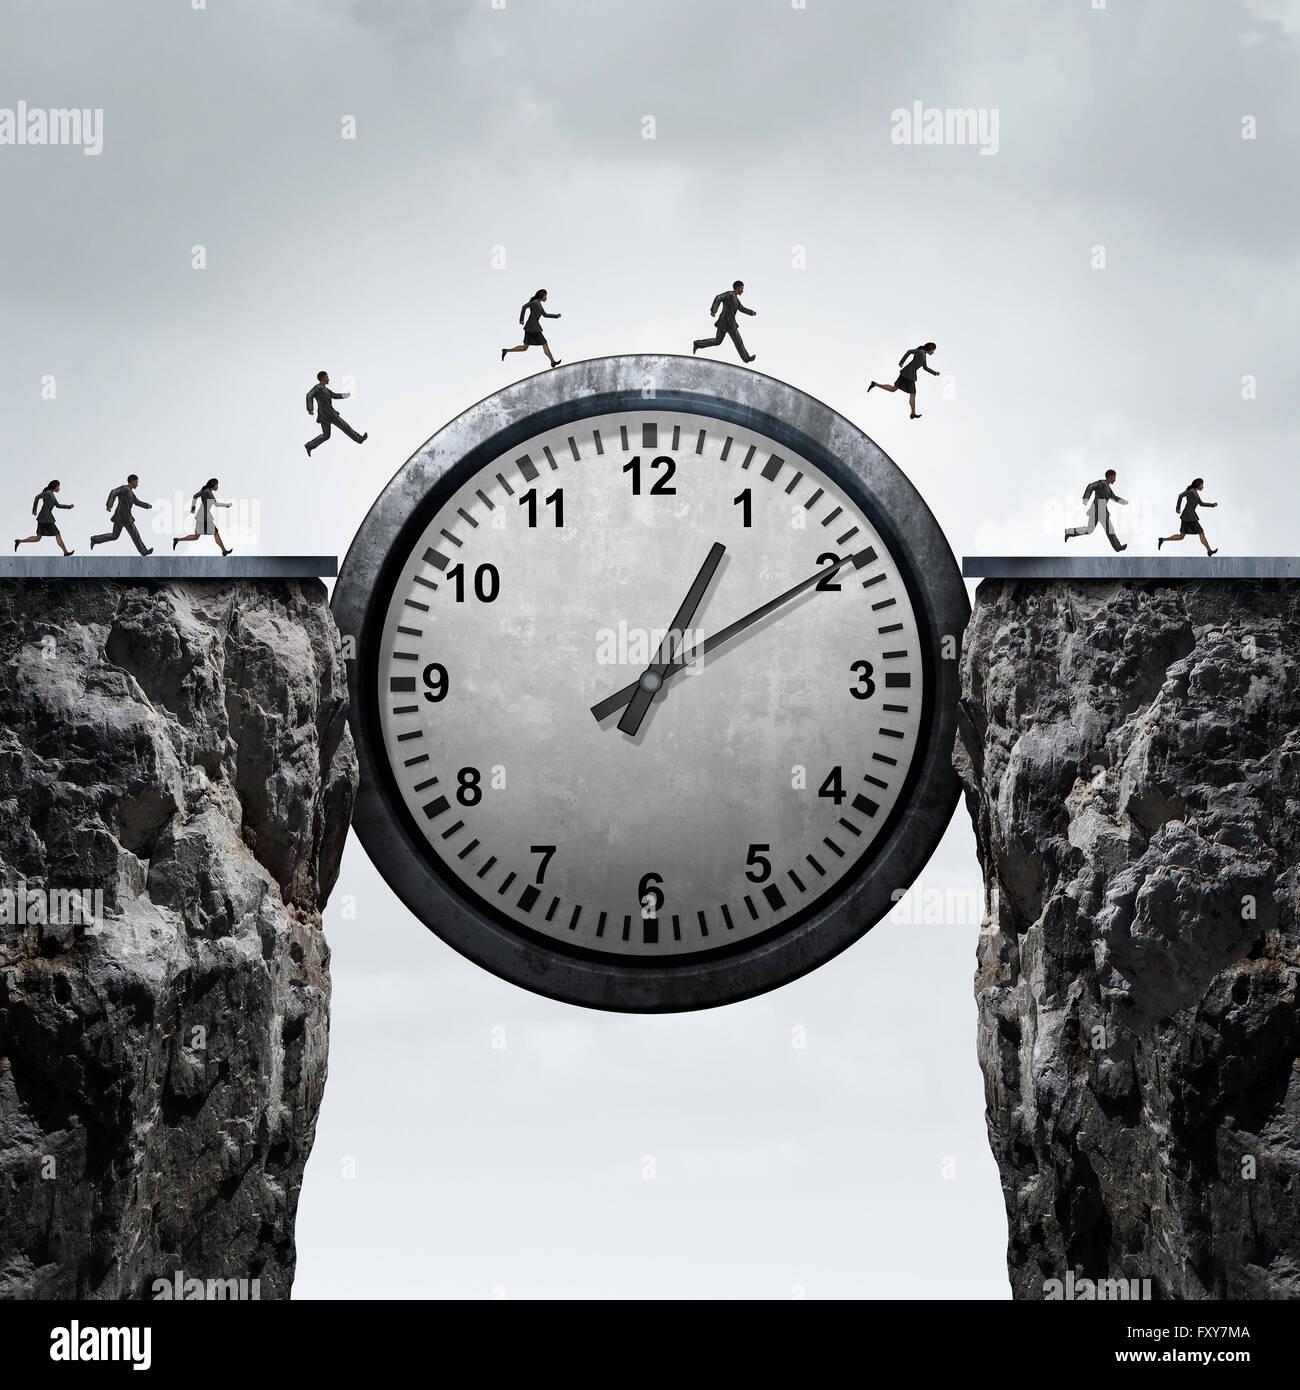 Concepto de tiempo de negocio como un grupo de empresarios y empresarias con un reloj gigante para cruzar un acantilado Imagen De Stock